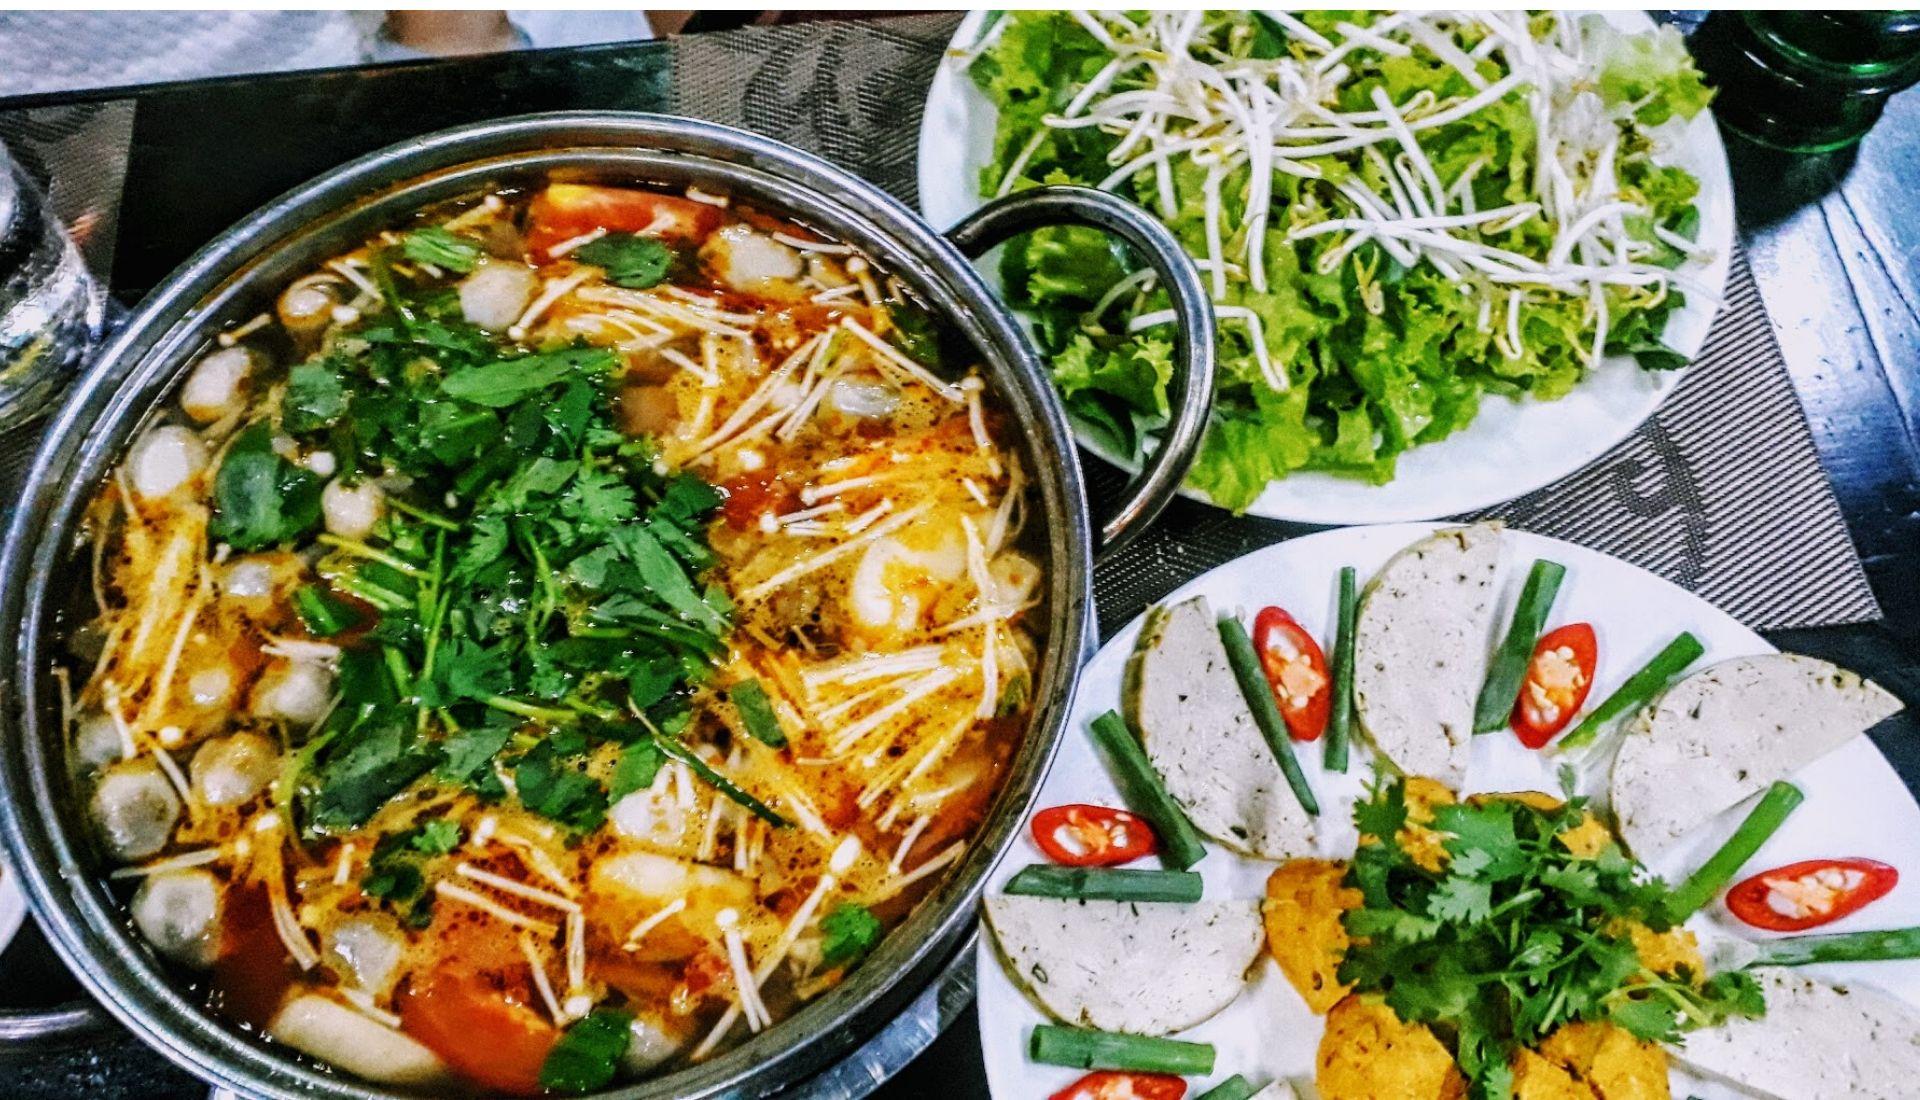 San May Vegetarian Restaurant